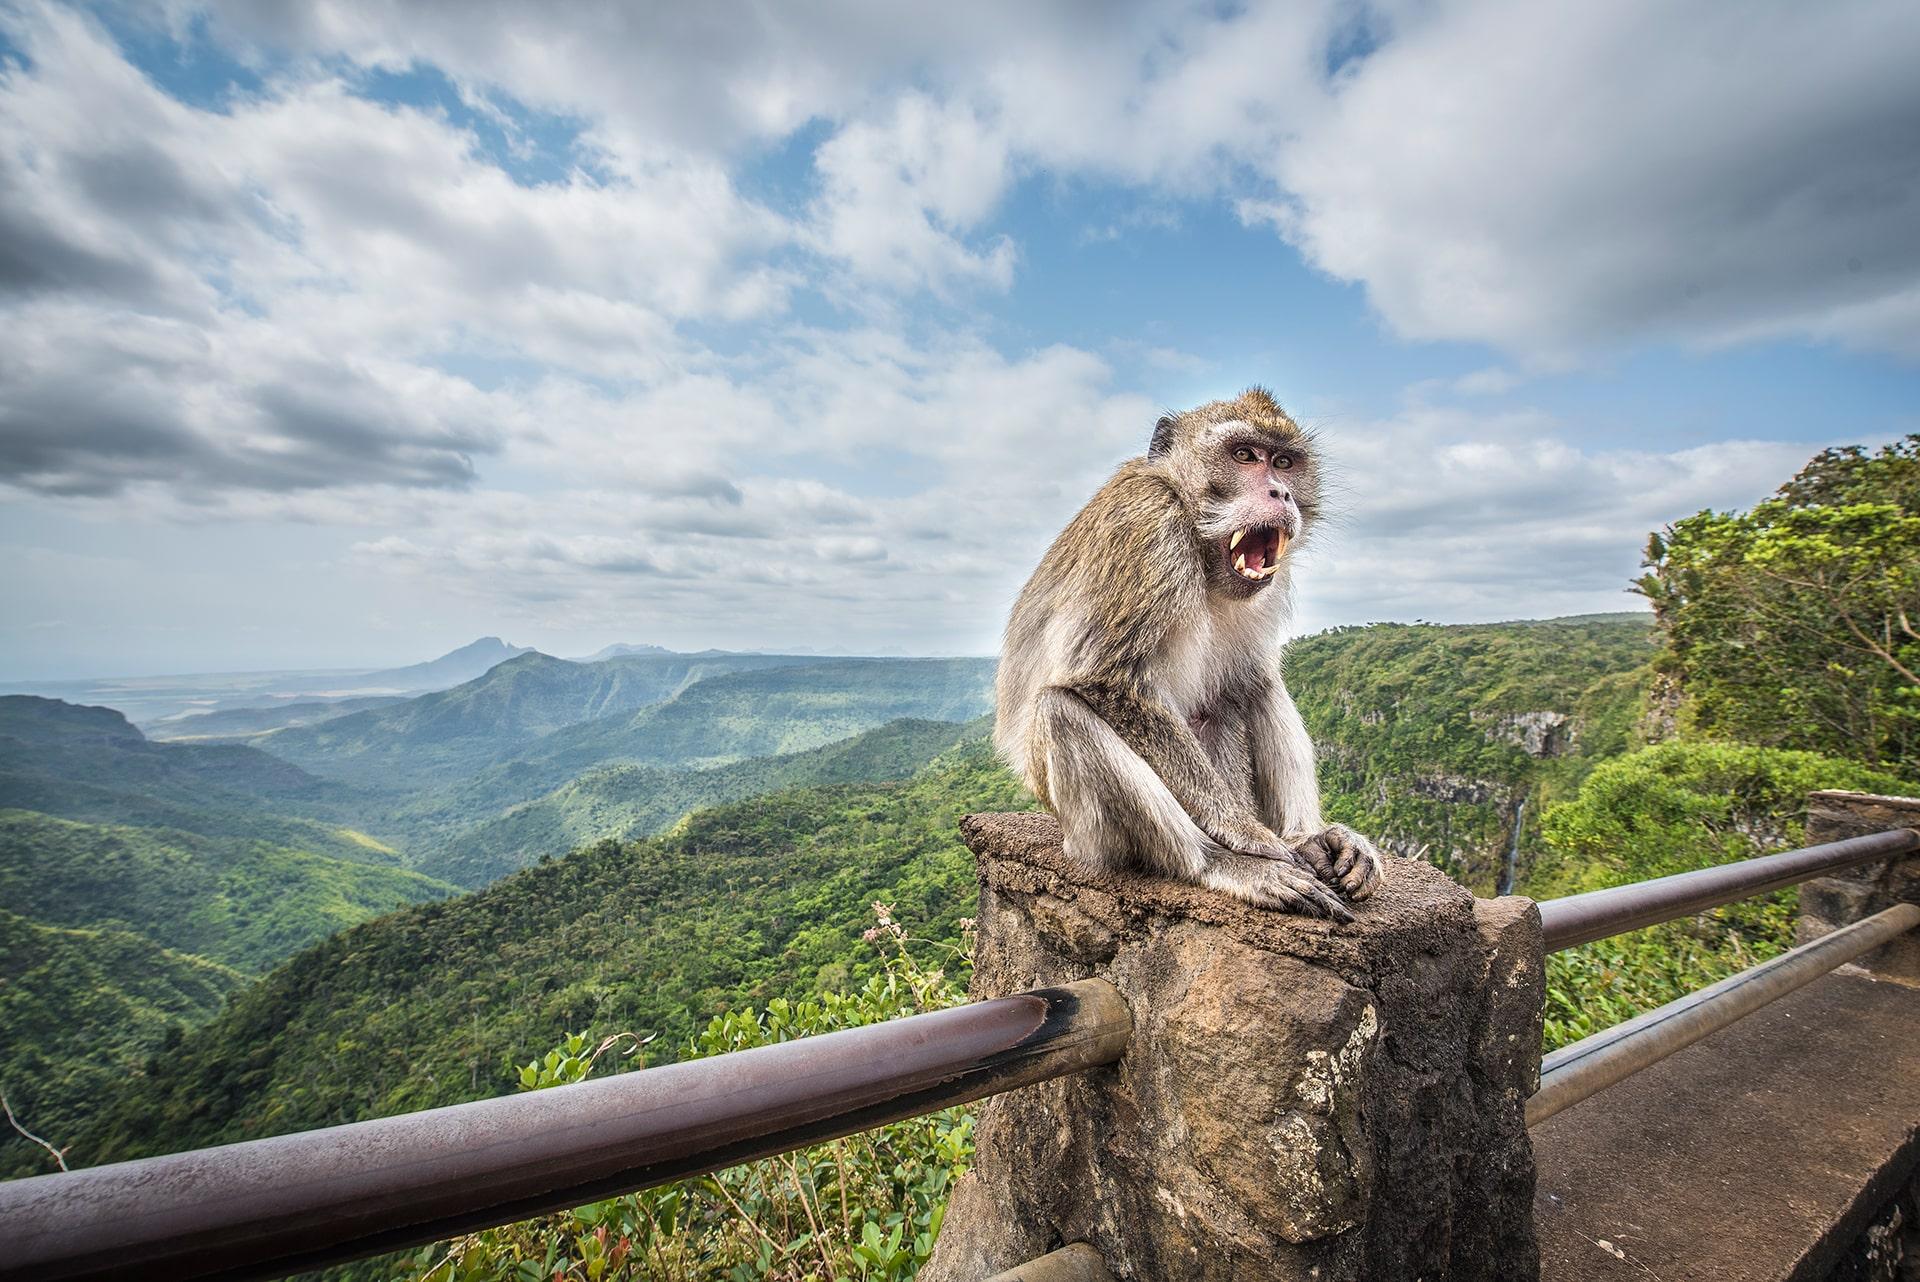 Un Singe du Parc National des Gorges de la Rivière Noire- Le duo de choc ! L'île Maurice et l'île de la Réunion - Suivre sa Joie - Saskia Parein